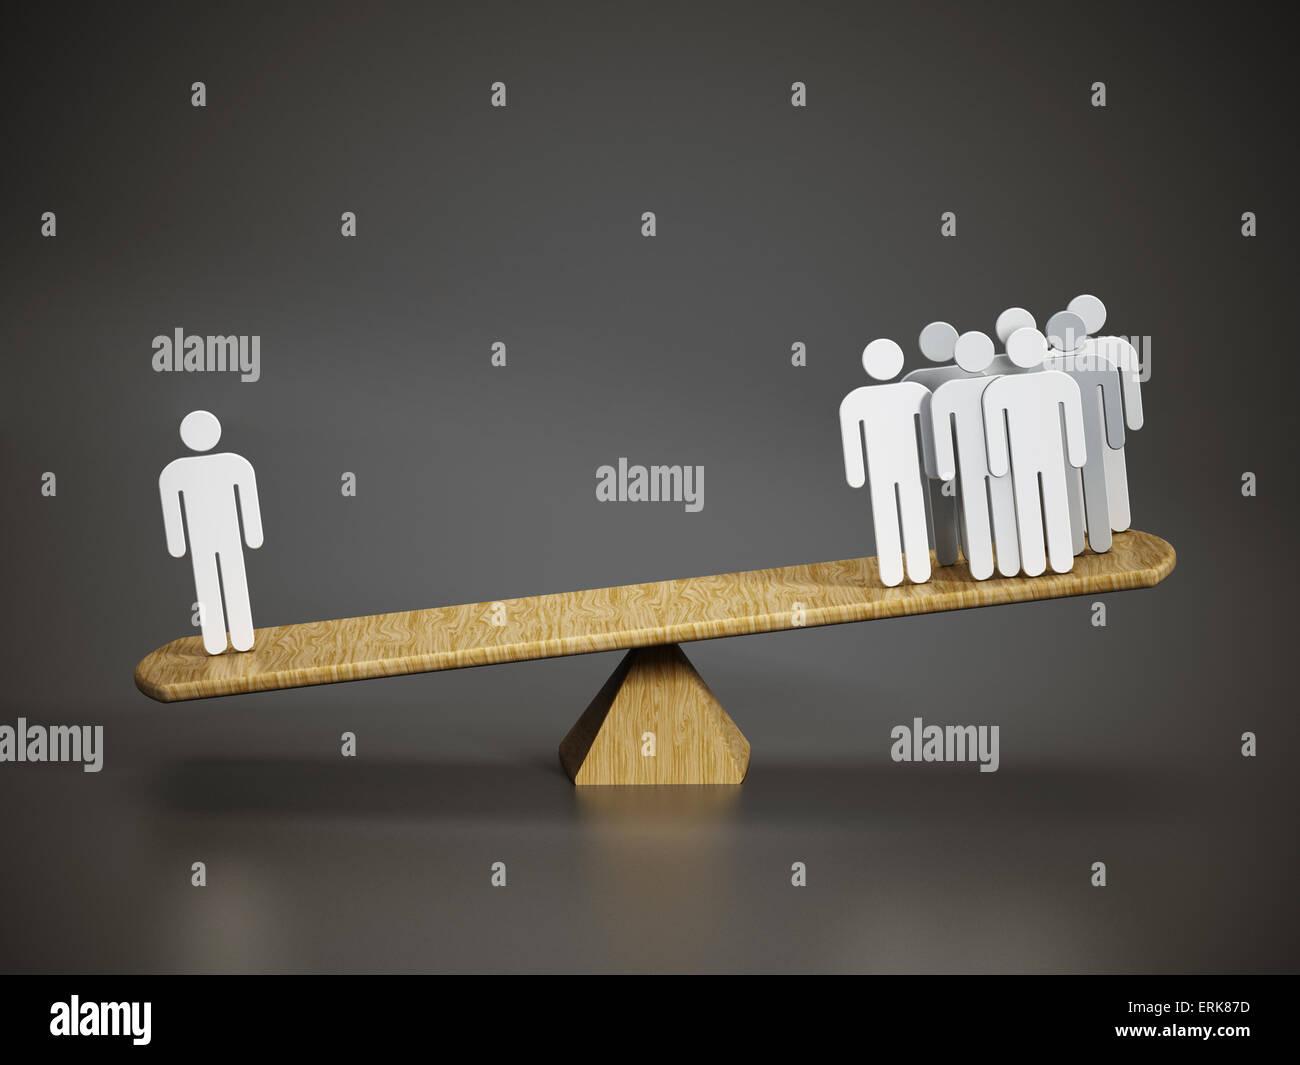 Notion de bilan d'affaires avec un homme par rapport à un groupe de personnes sur la bascule. Photo Stock